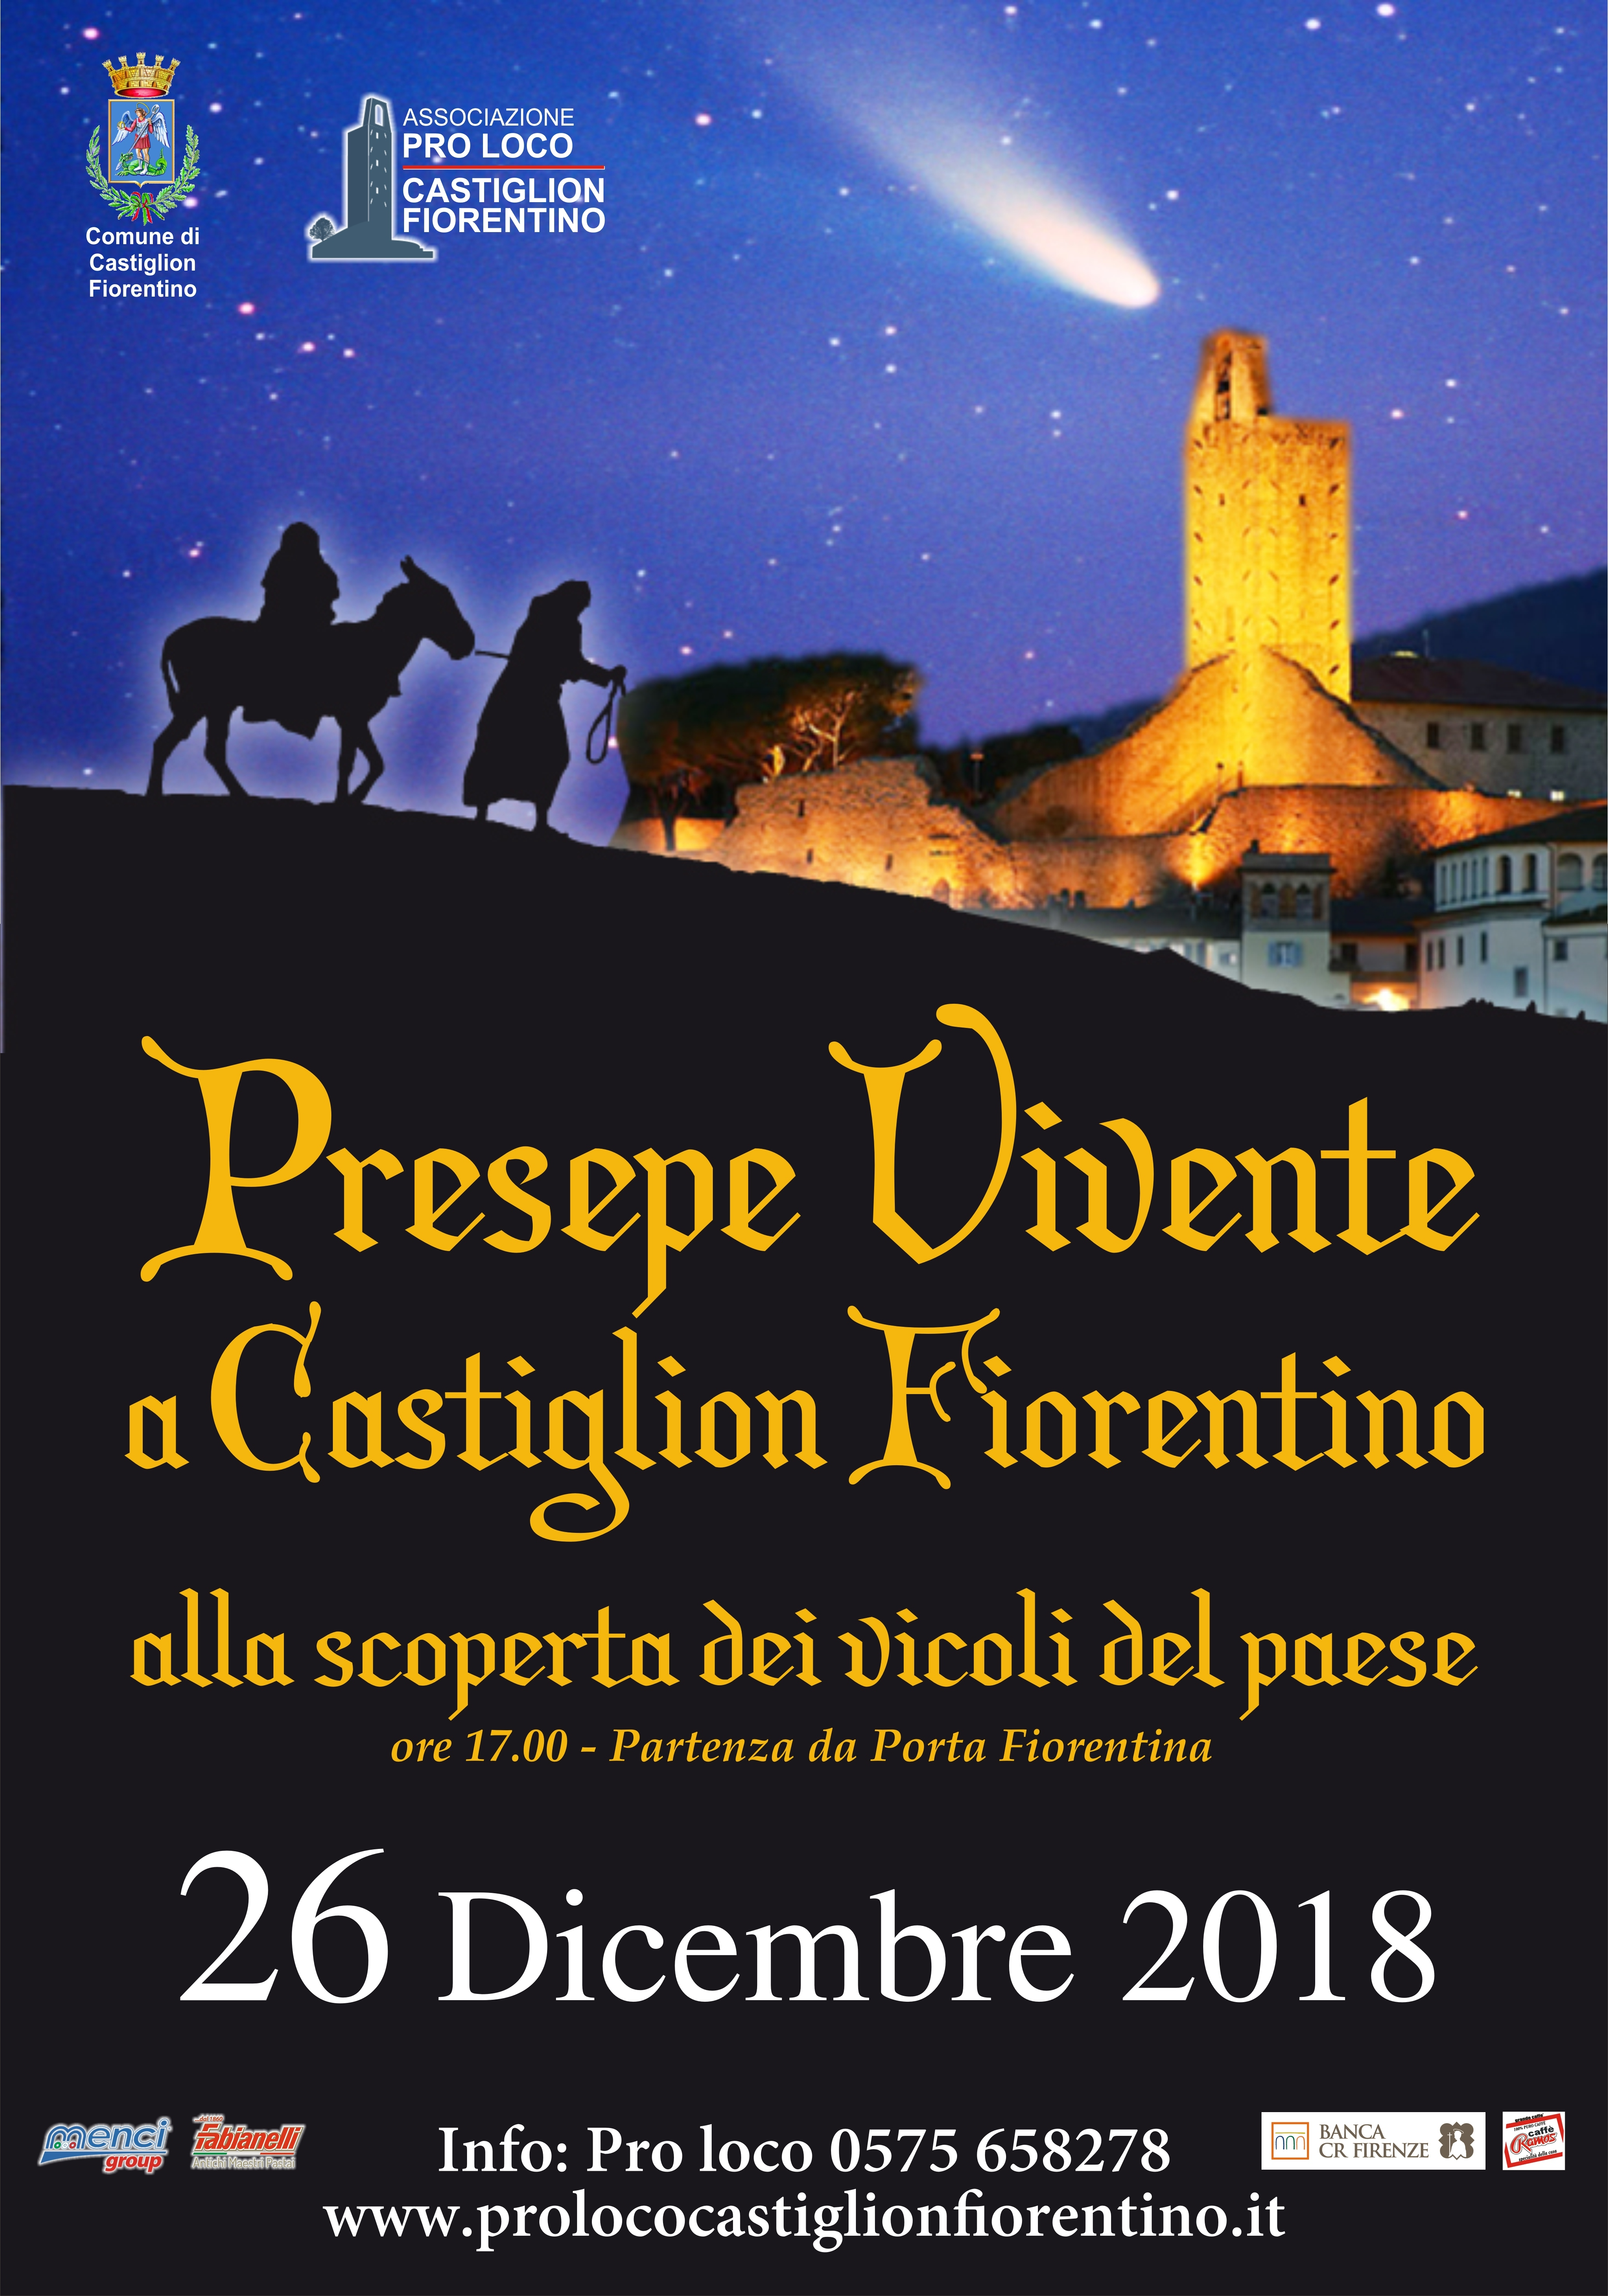 Presepe vivente a Castiglion Fiorentino: 200 figuranti e 34